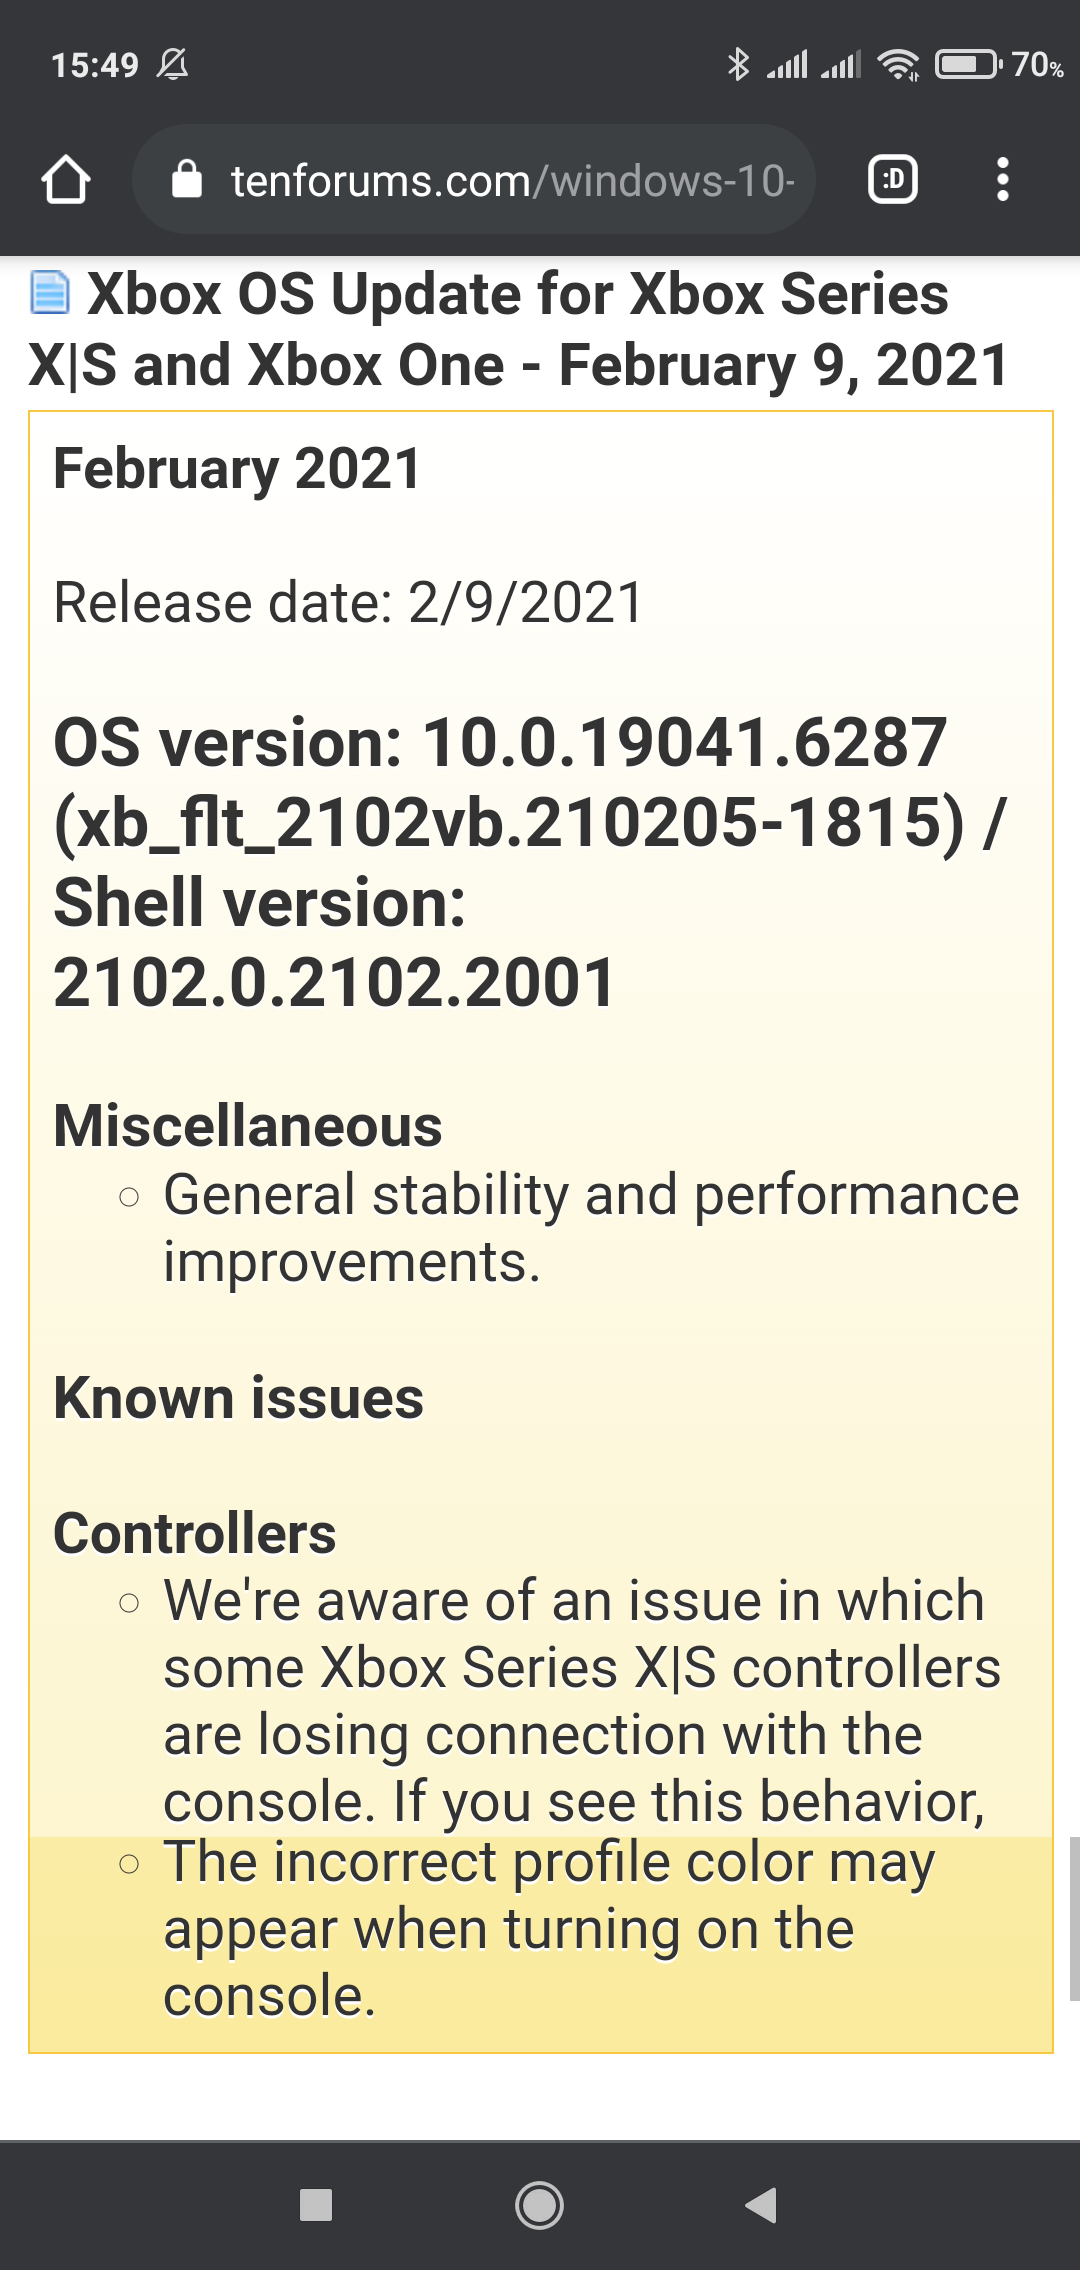 Screenshot_2021-02-11-15-49-08-867_com.android.chrome.png